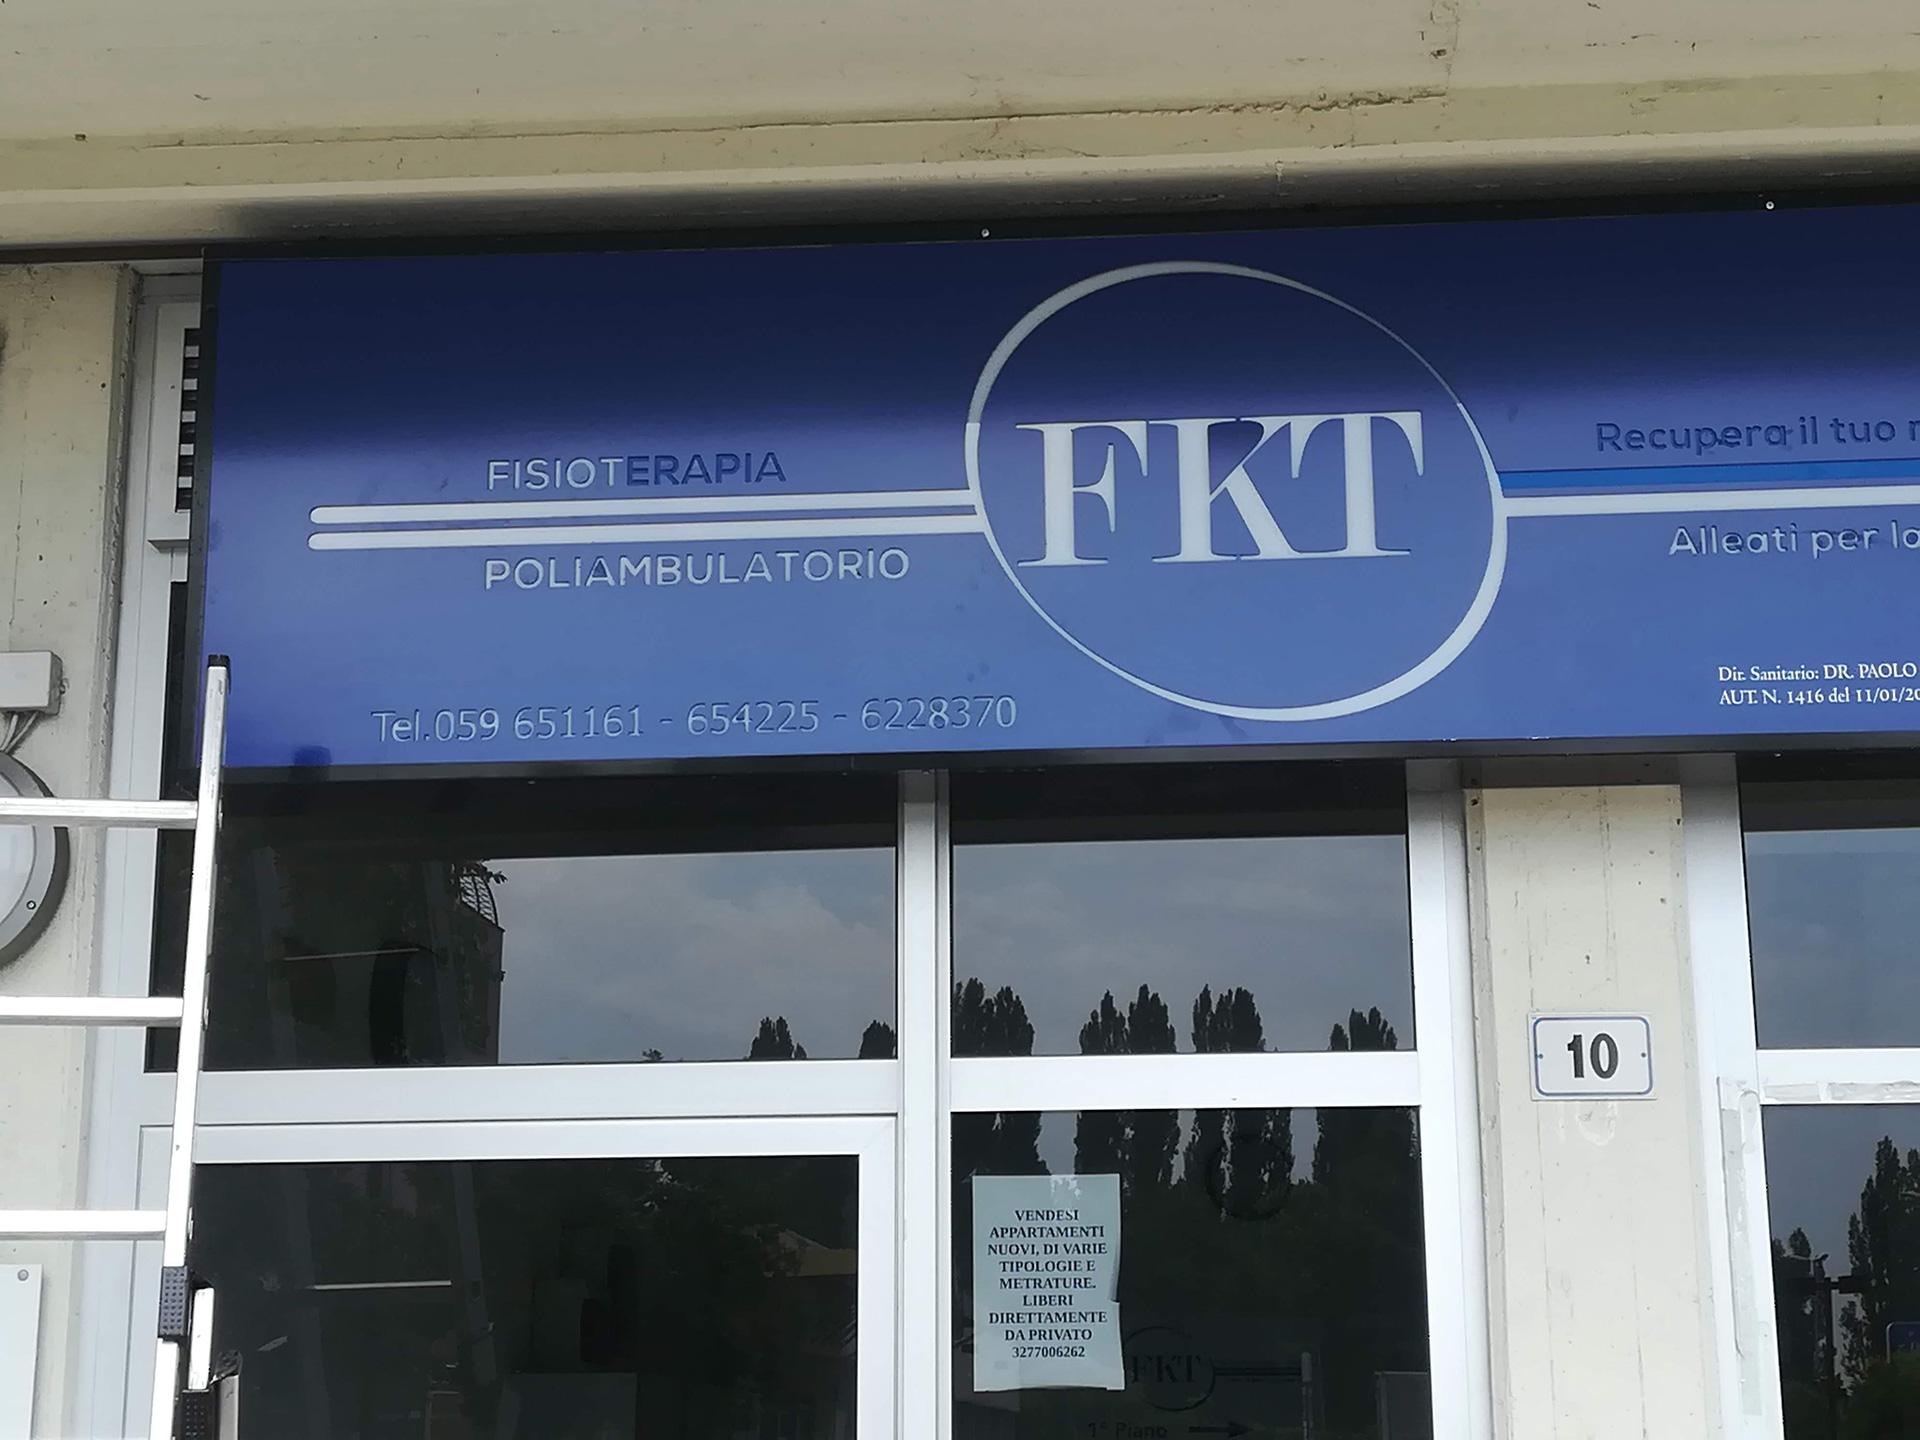 Insegne Led Fkt Logo Fresato Sericart2